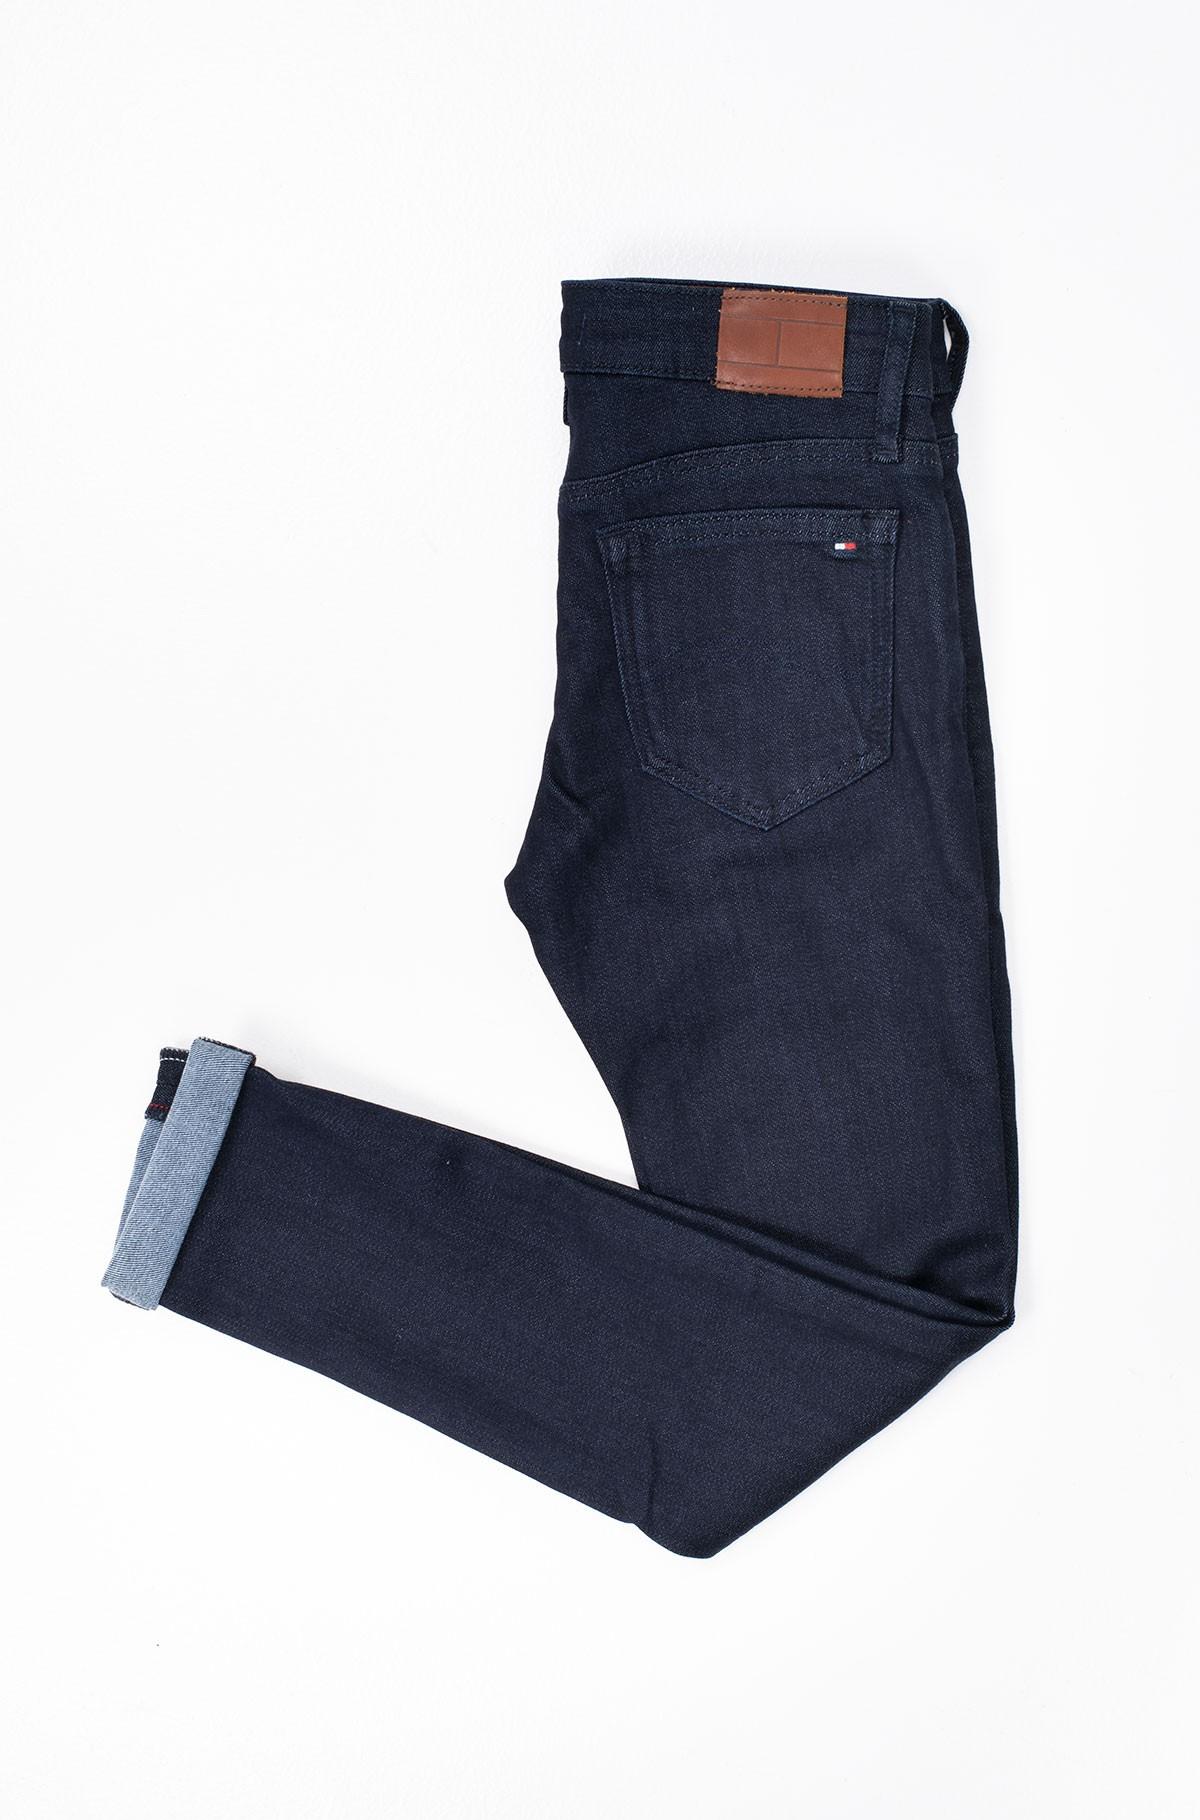 Vaikiškos džinsinės kelnės NORA SKINNY NARBST-full-2